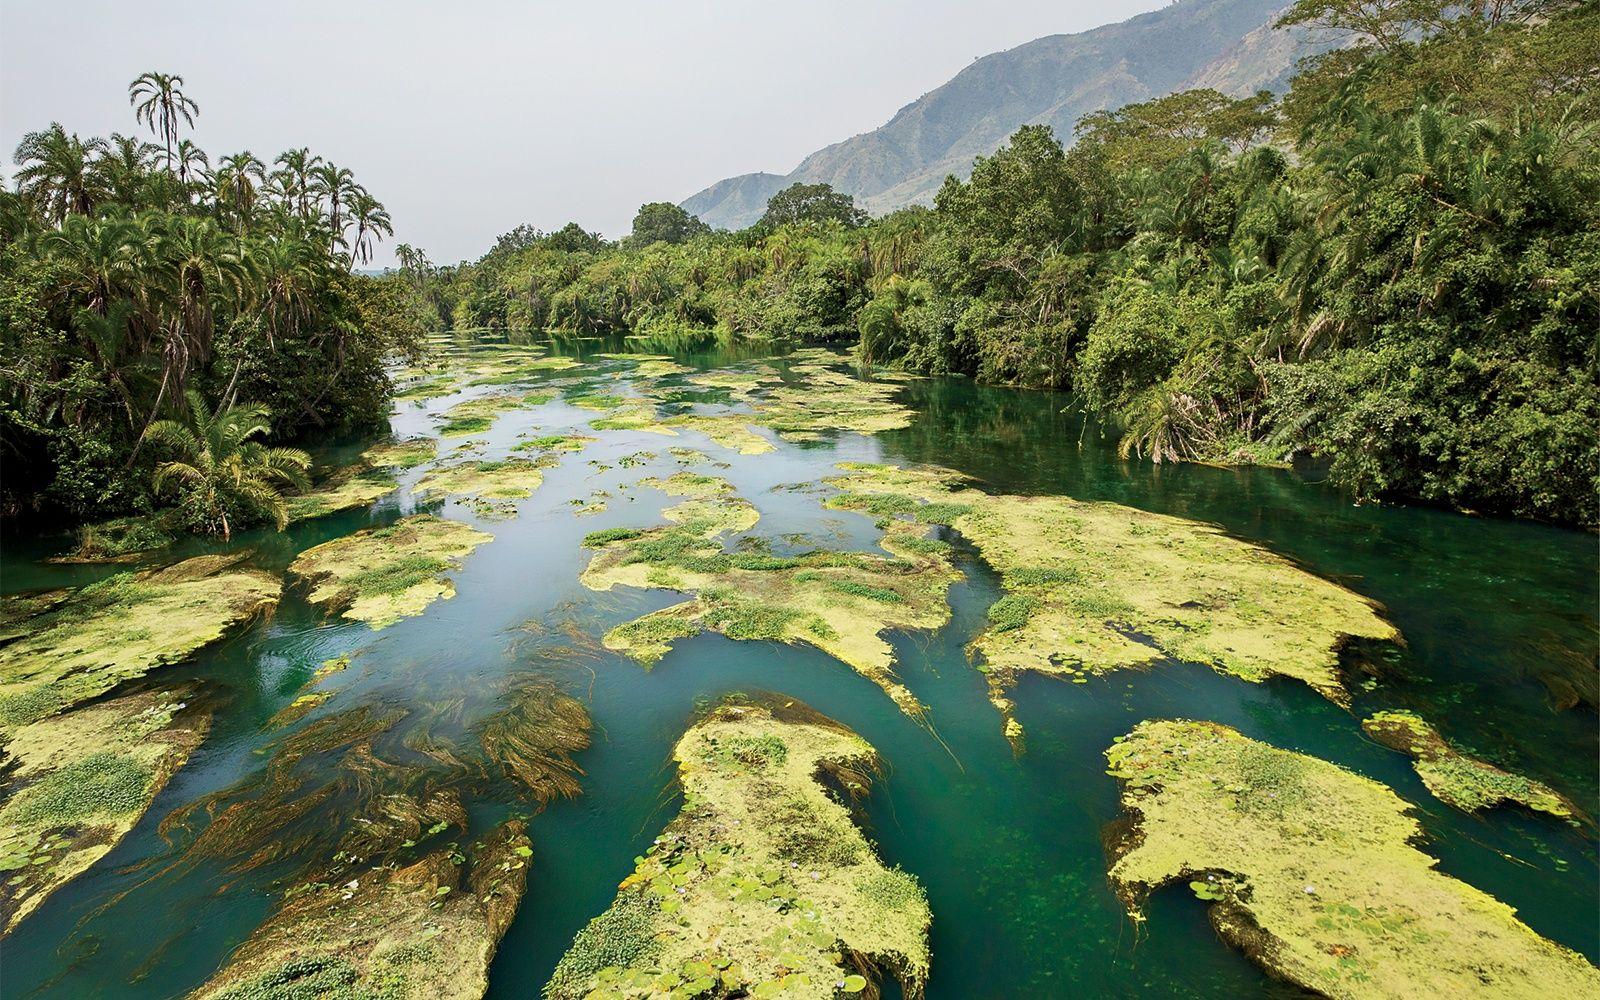 Africa Map Congo River%0A   Parque Nacional Salonga  Maniema e Kivu do Sul  Rep  Dem  do Congo    UNESCO  Africa  East and Central    Pinterest   Congo and Africa